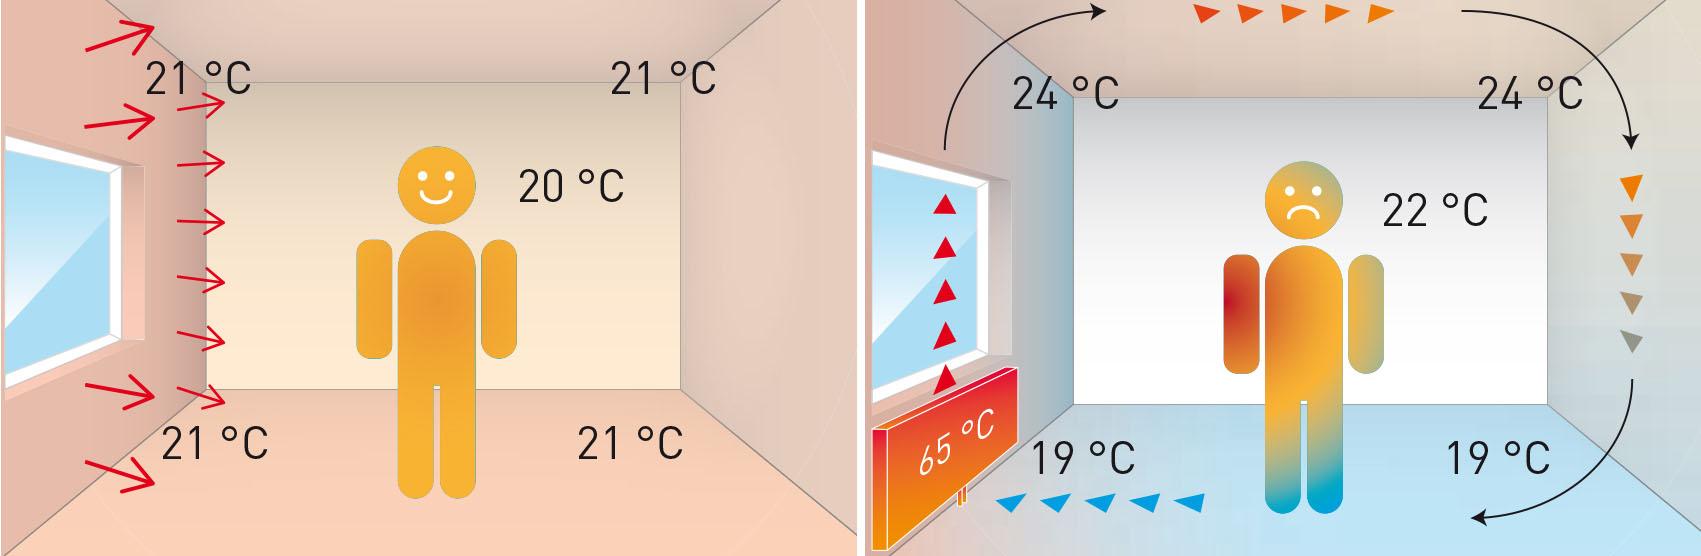 Zeer lage temperatuur verwarming